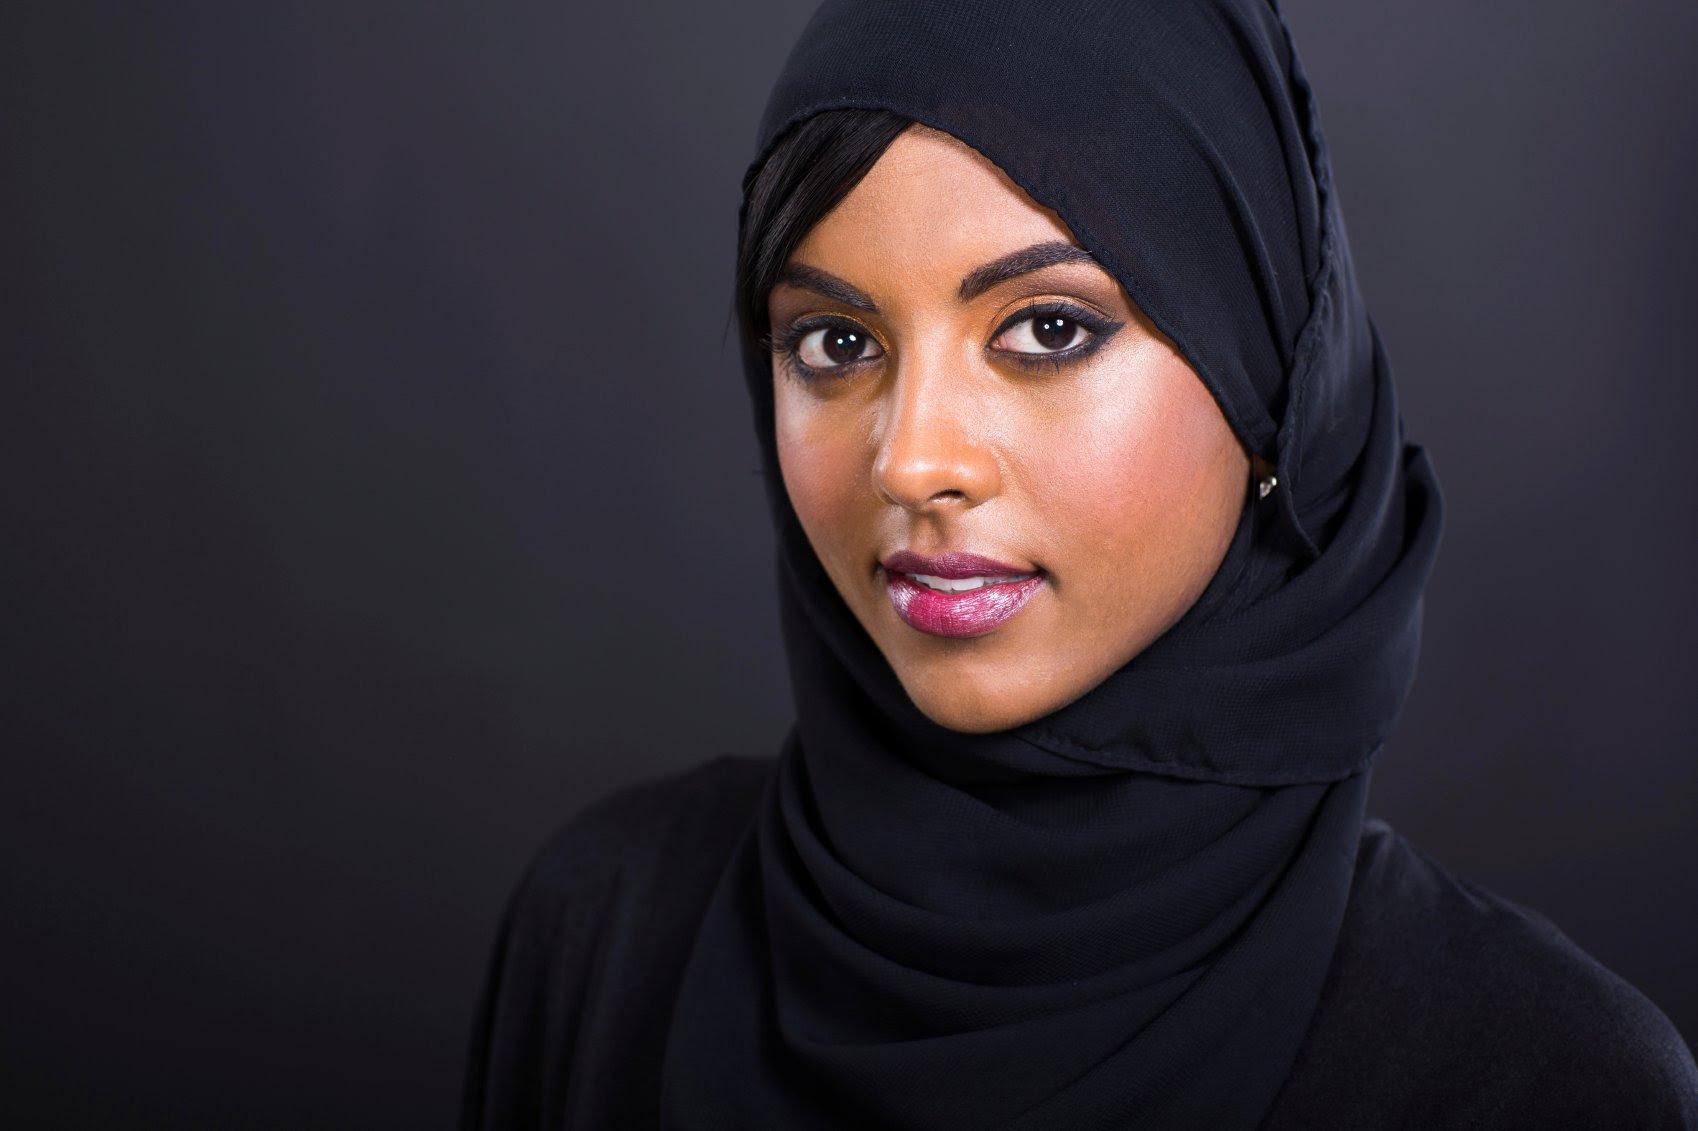 Muslim Women In Hijab